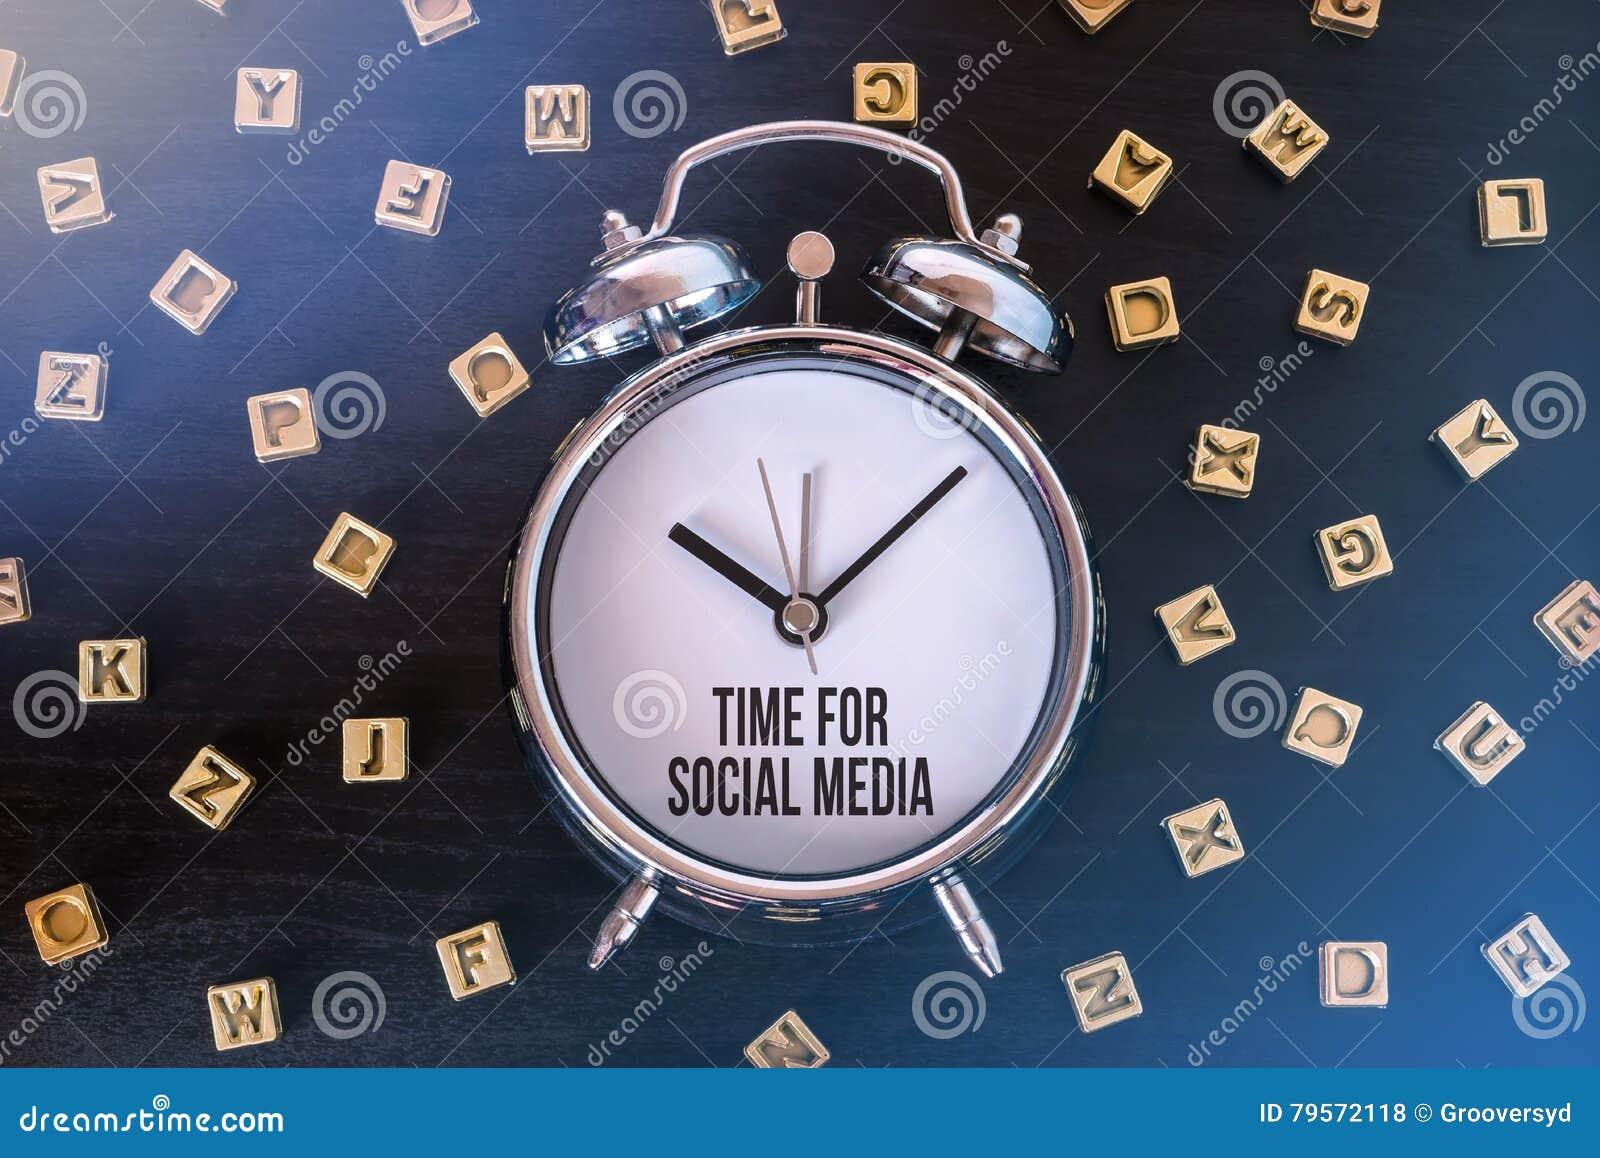 Time for Social Media